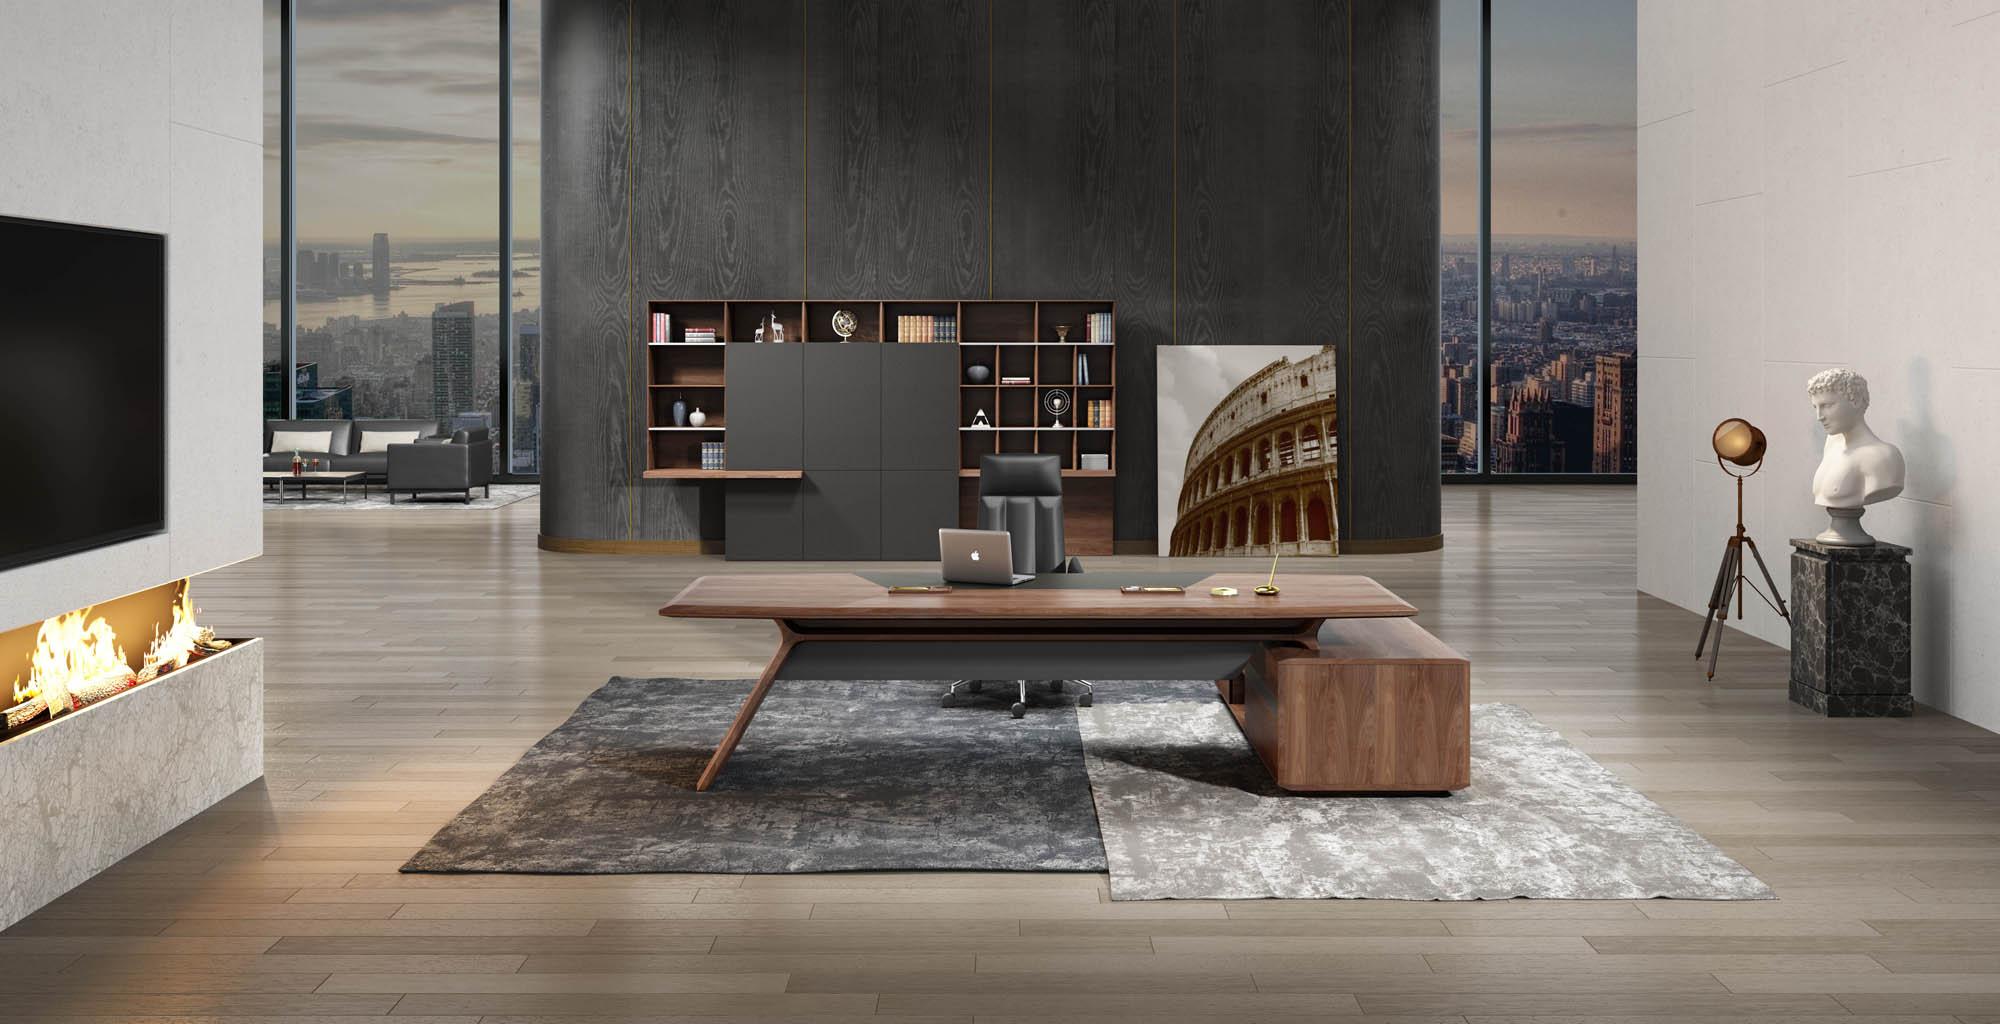 奥伦蒂系列办公家具 奥伦蒂高管空间 奥伦蒂办公桌 奥伦蒂办公椅 奥伦蒂文件柜